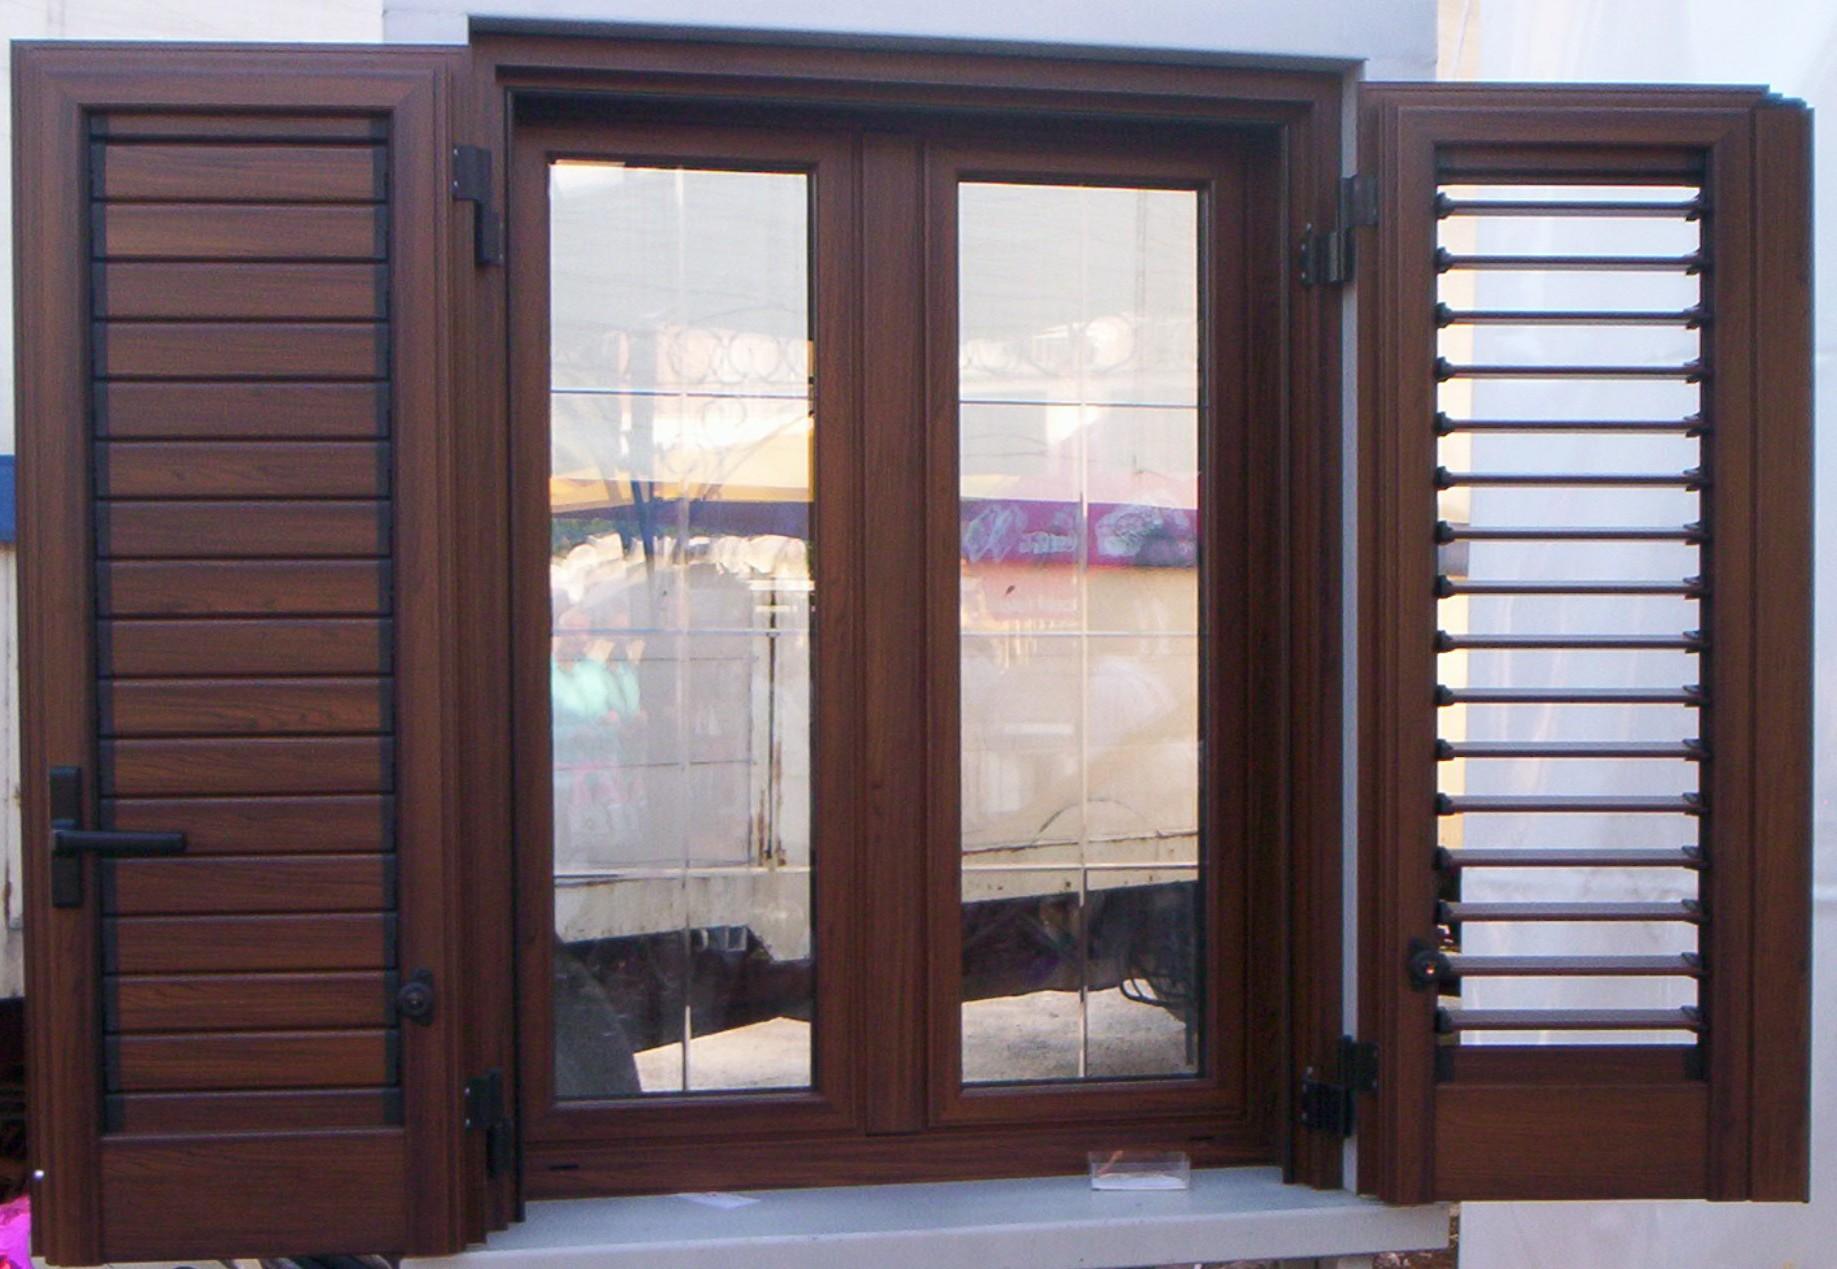 Fer all produzione e vendita opere in alluminio e ferro for Prezzi porte finestre in alluminio